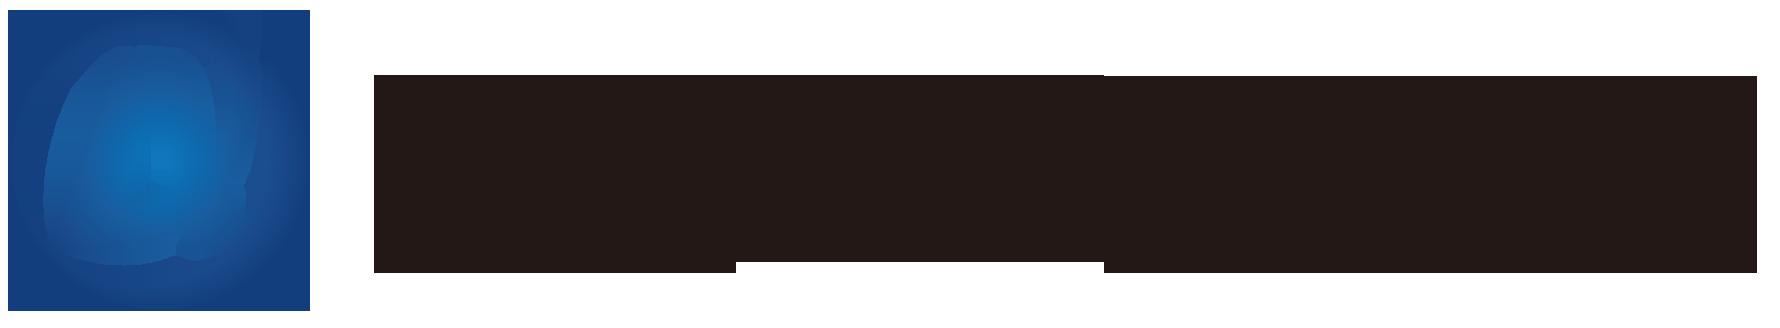 江苏安心油气工程有限公司